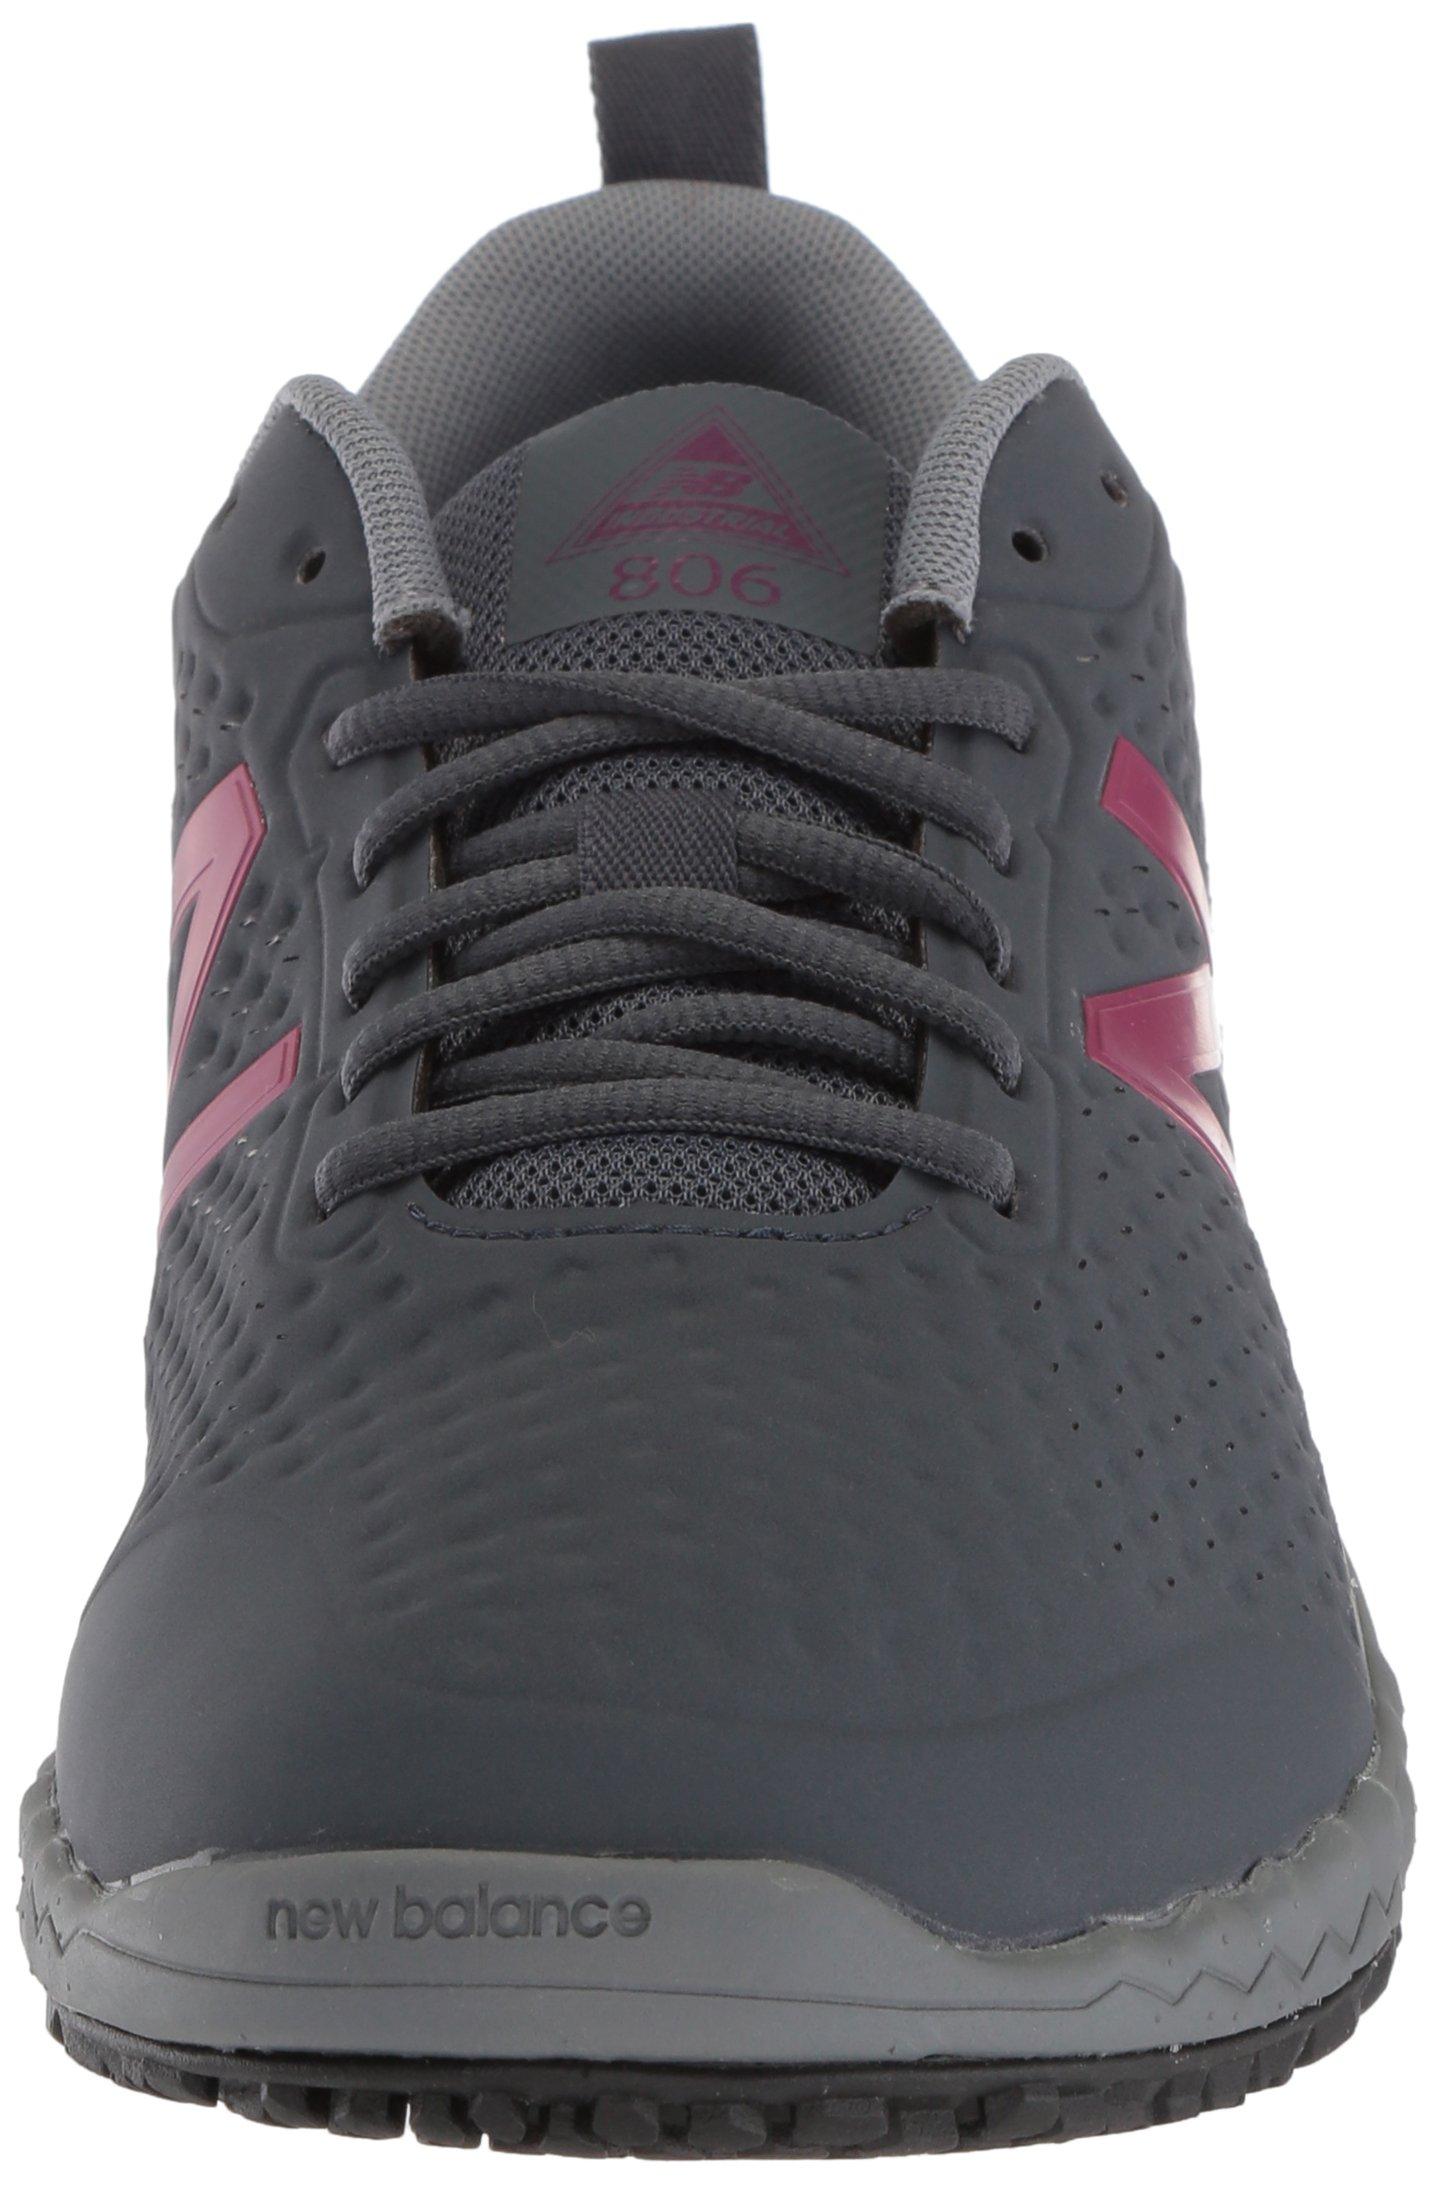 New Balance Women's 806v1 Work Training Shoe, Grey, 10.5 B US by New Balance (Image #4)